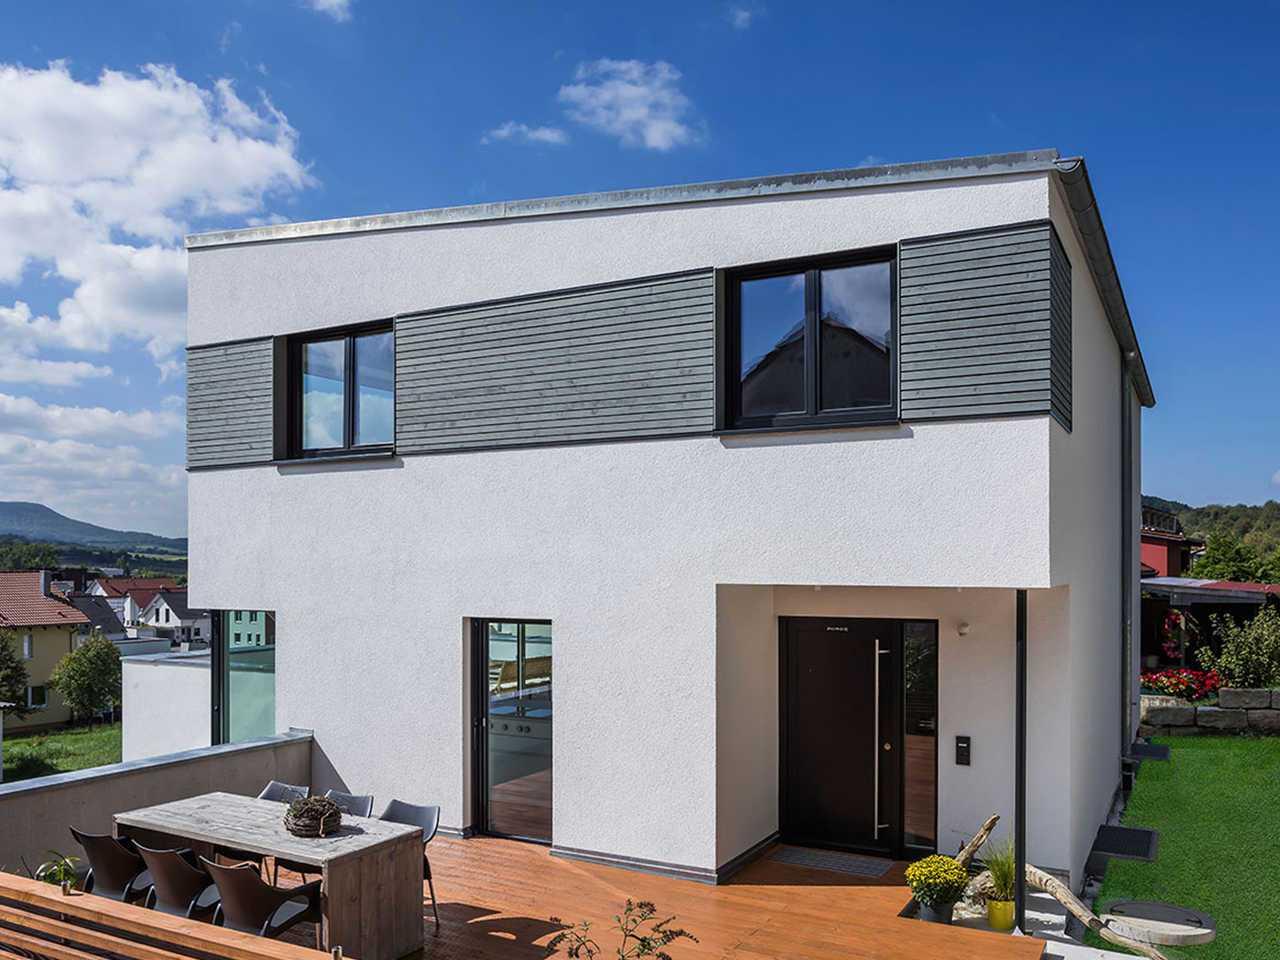 KitzlingerHaus - Referenzhaus Dettingen/Erms